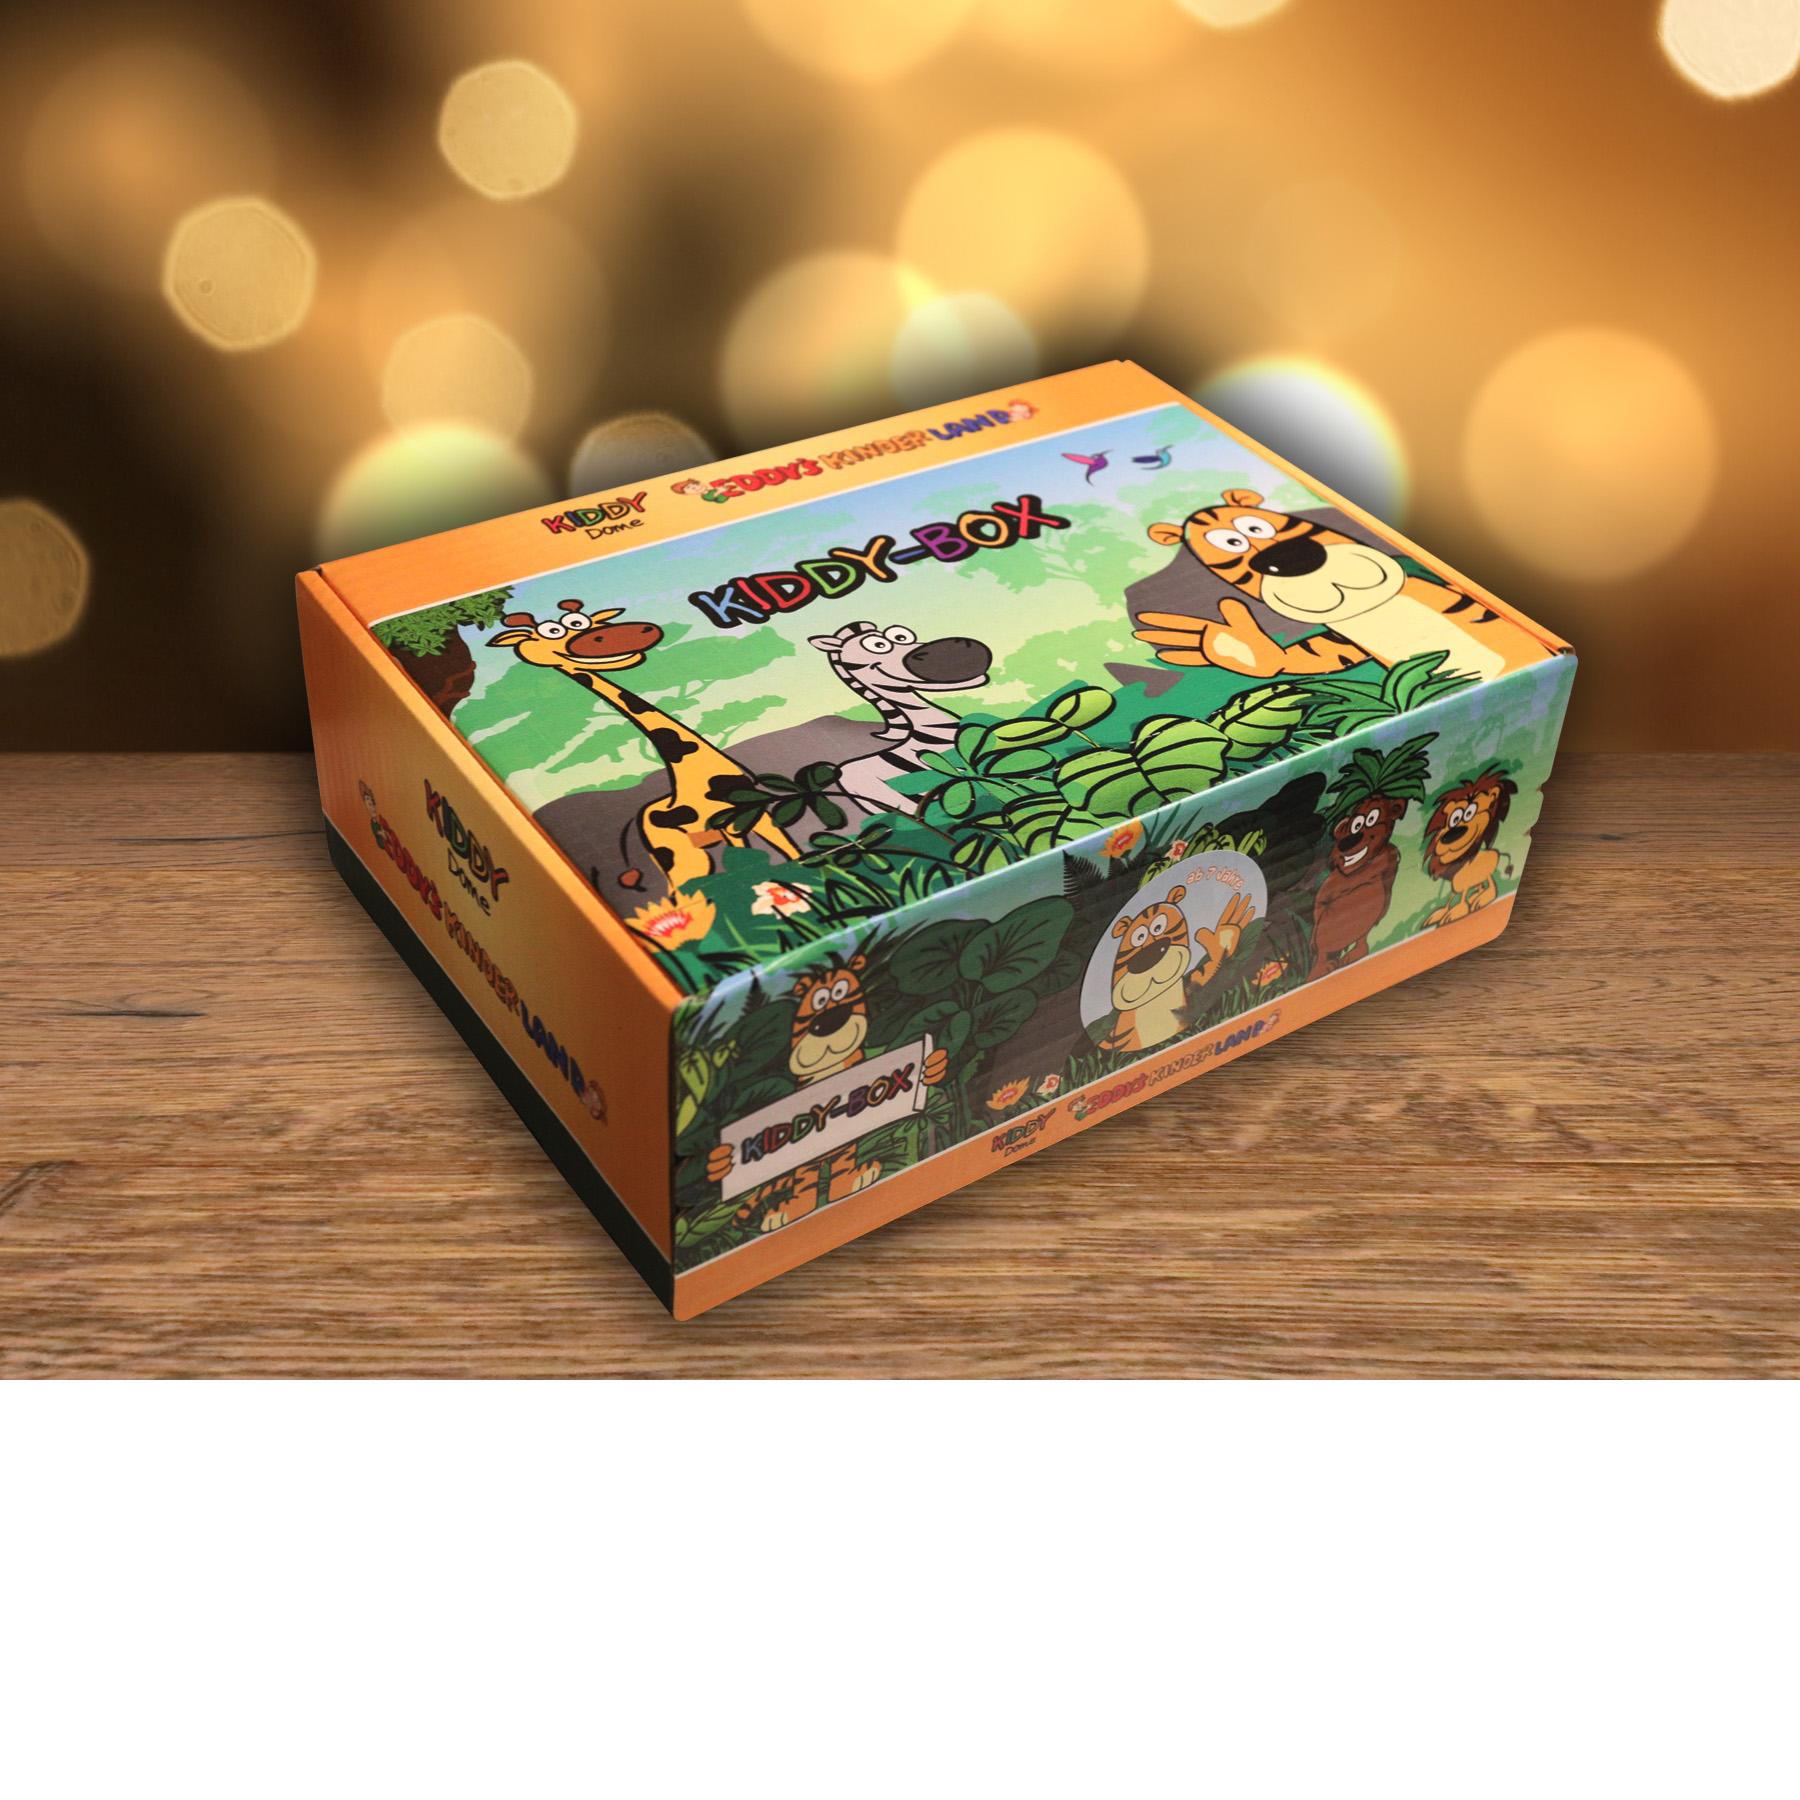 Kiddy Dome Box - Deine Spiel- und Erlebniswelt in Schutterwald bei Offenburg